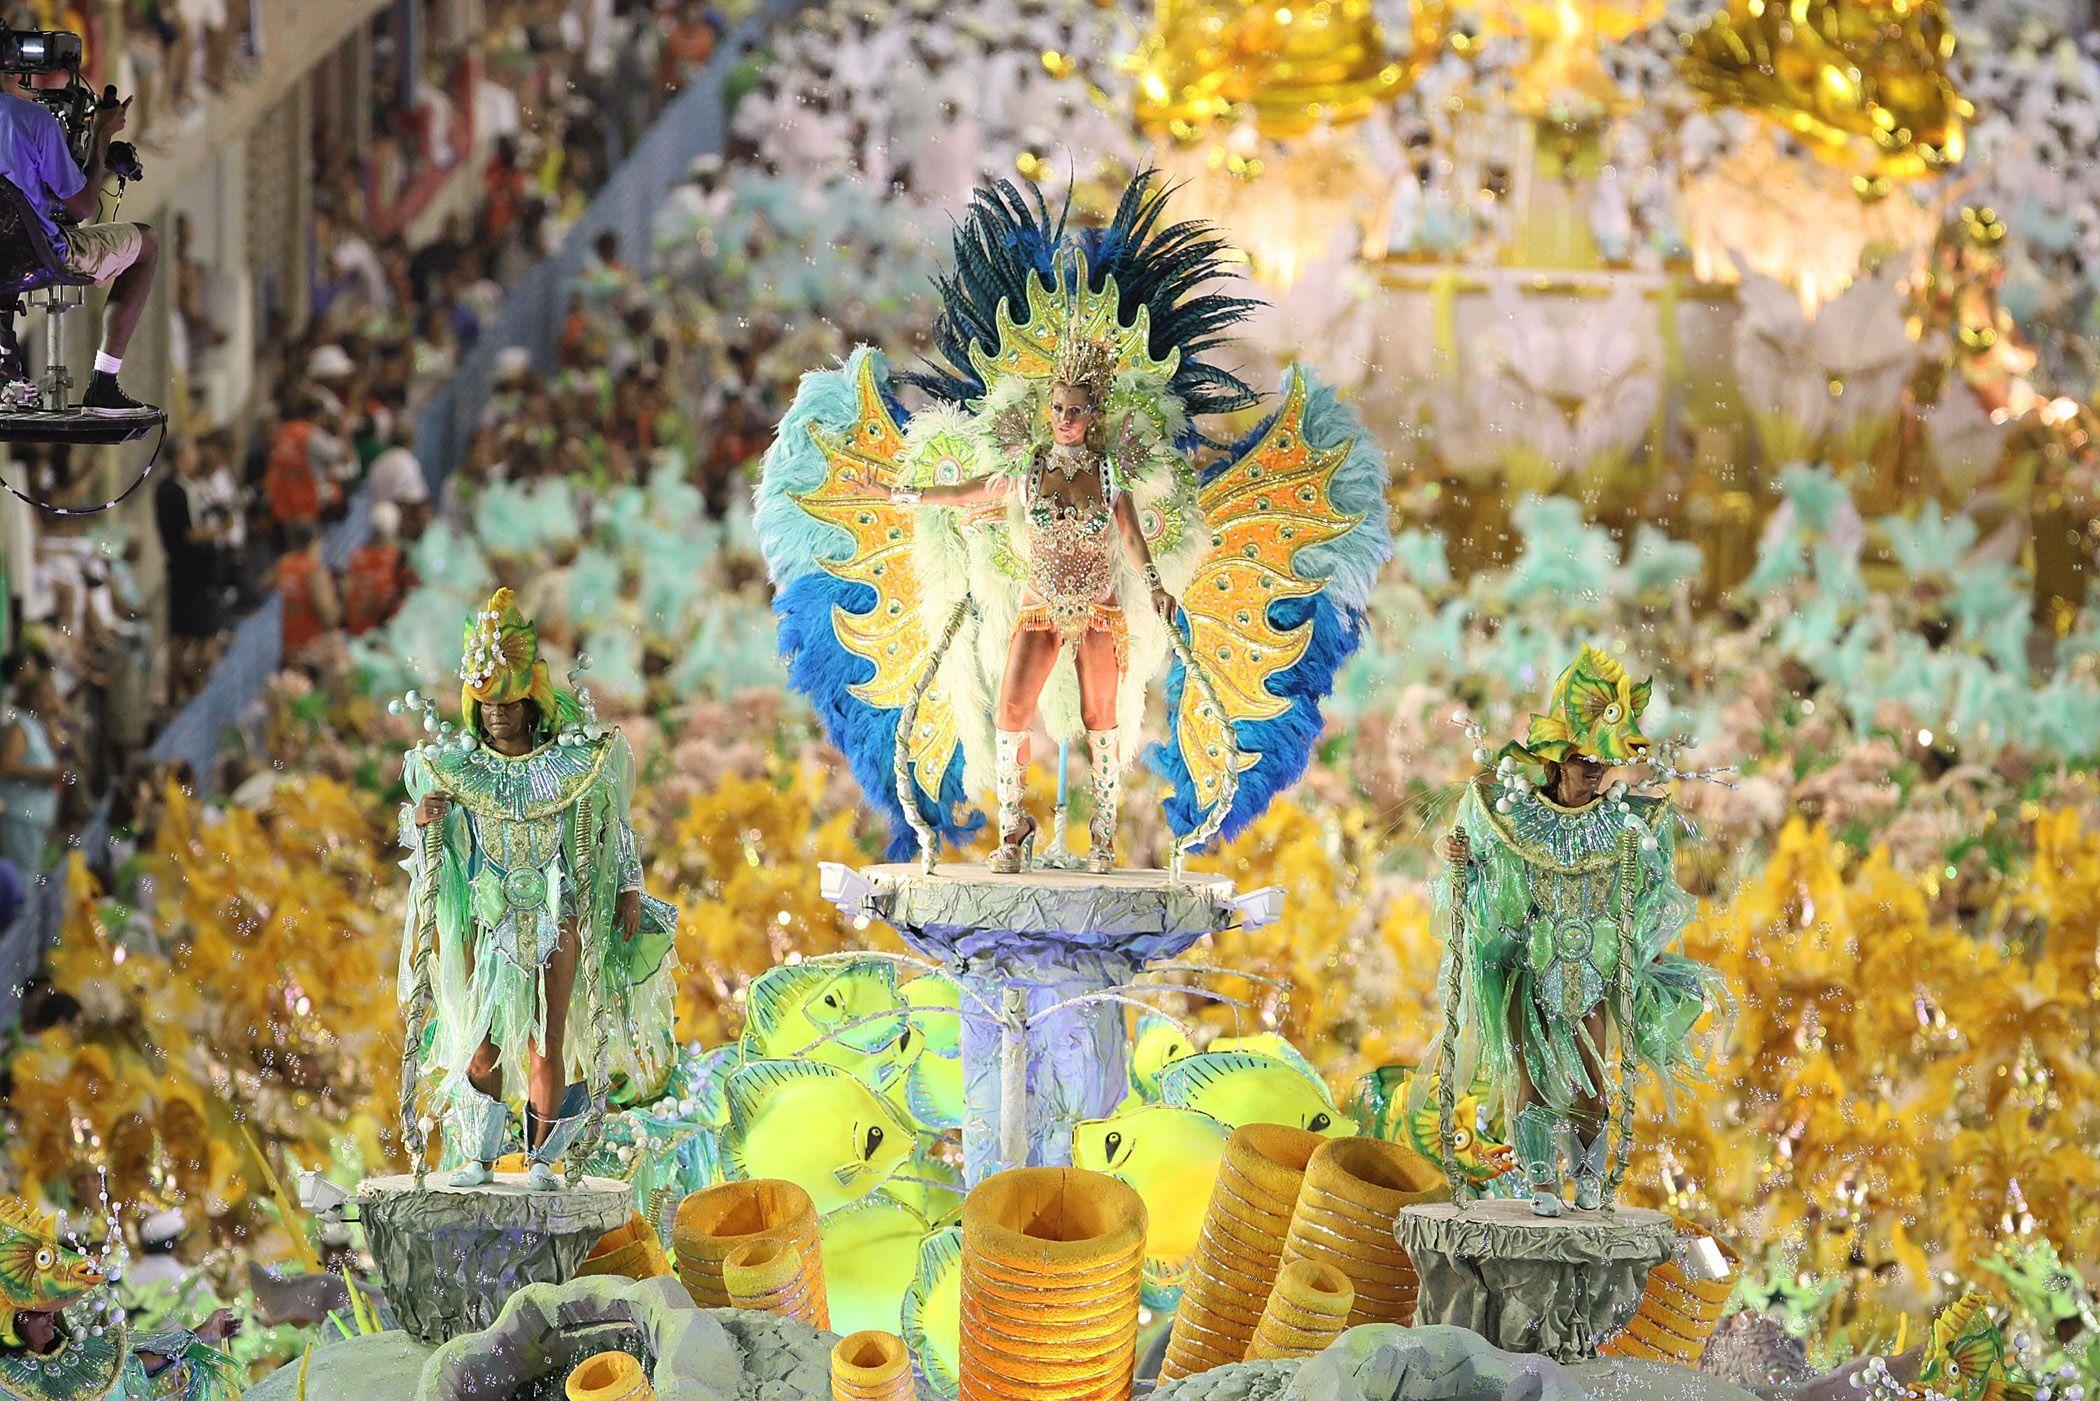 Carnaval de Rio : o sambadrome